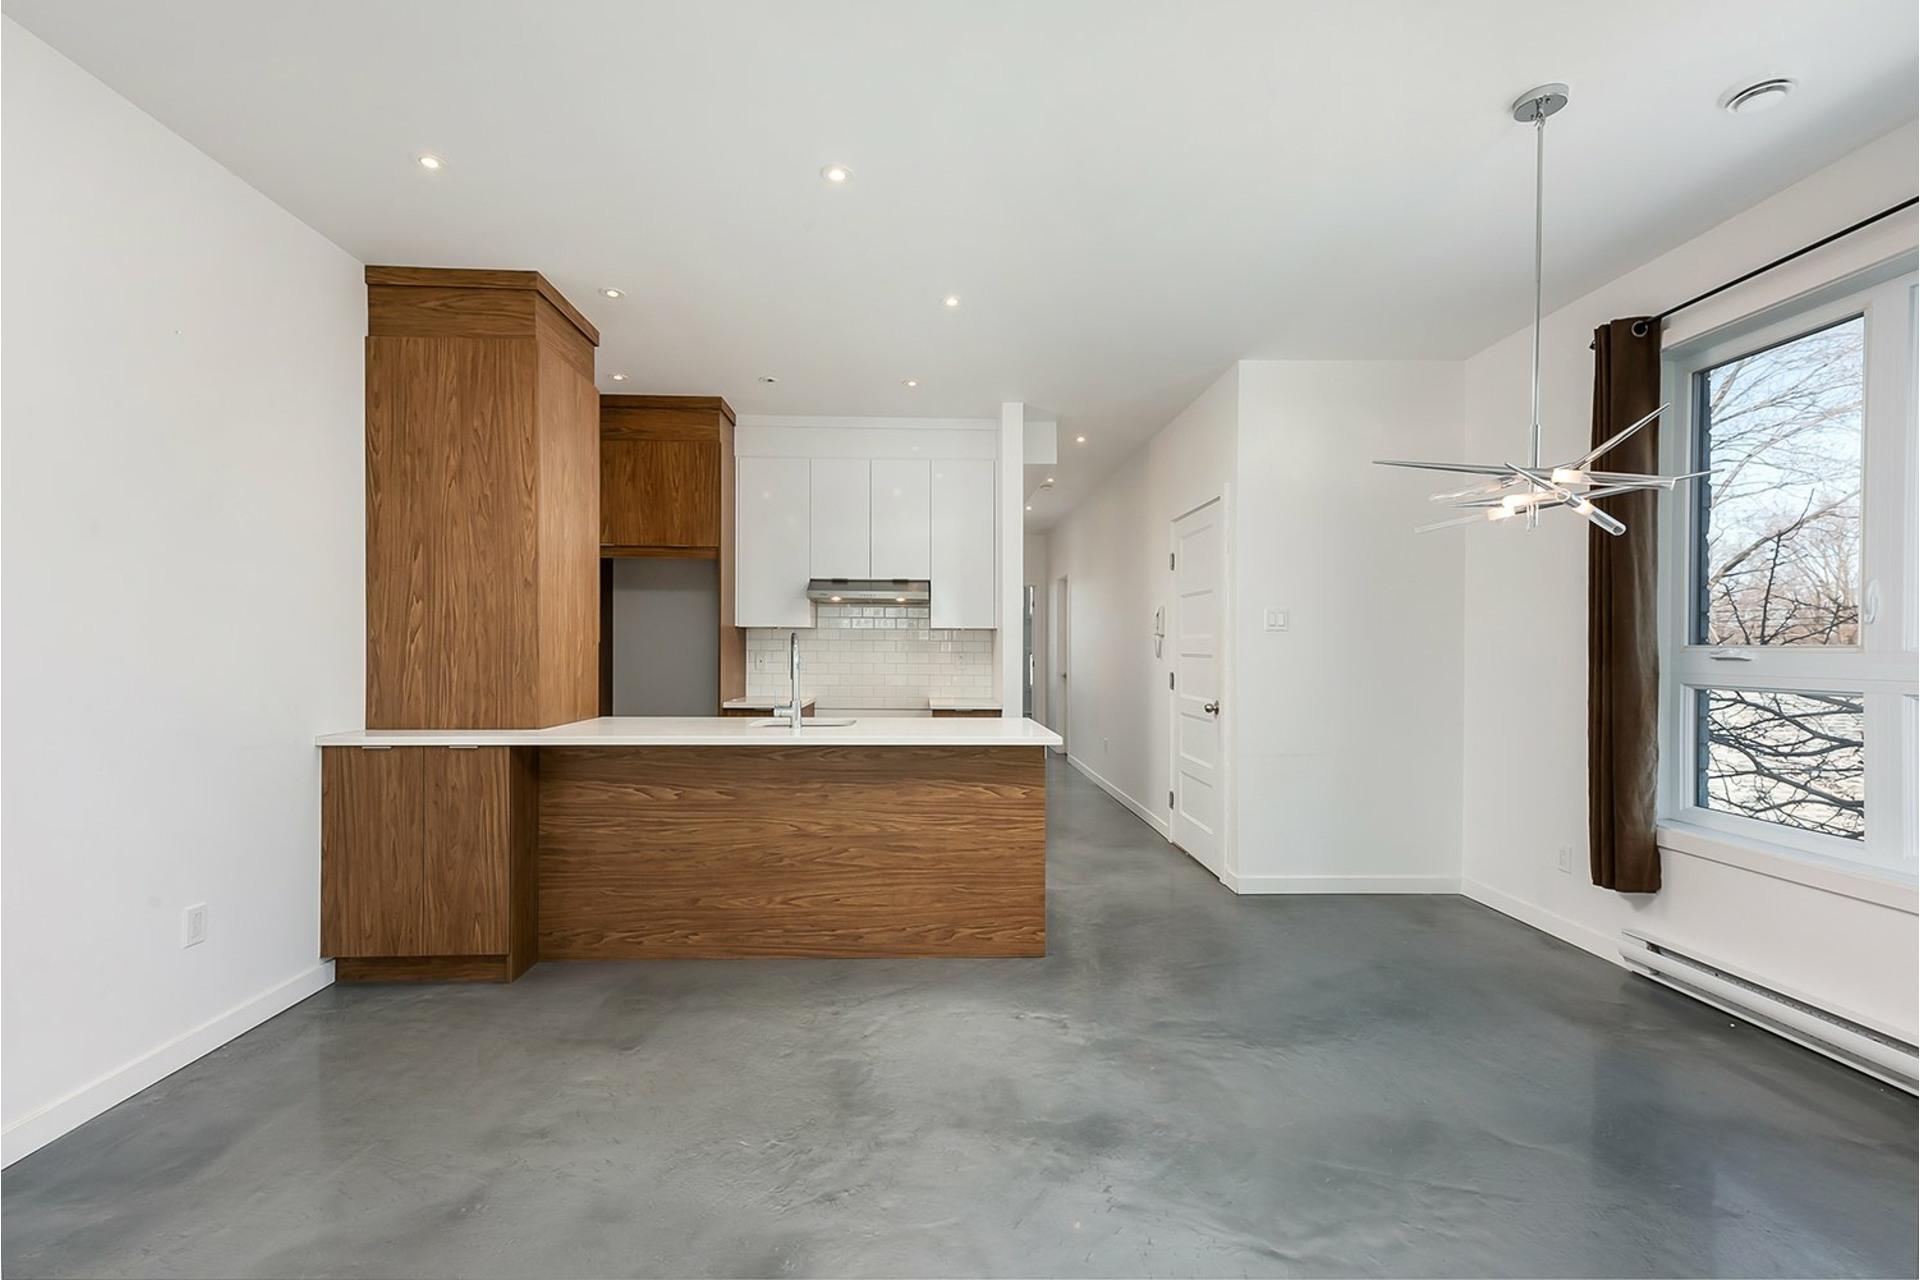 image 9 - Triplex For sale Mercier/Hochelaga-Maisonneuve Montréal  - 4 rooms